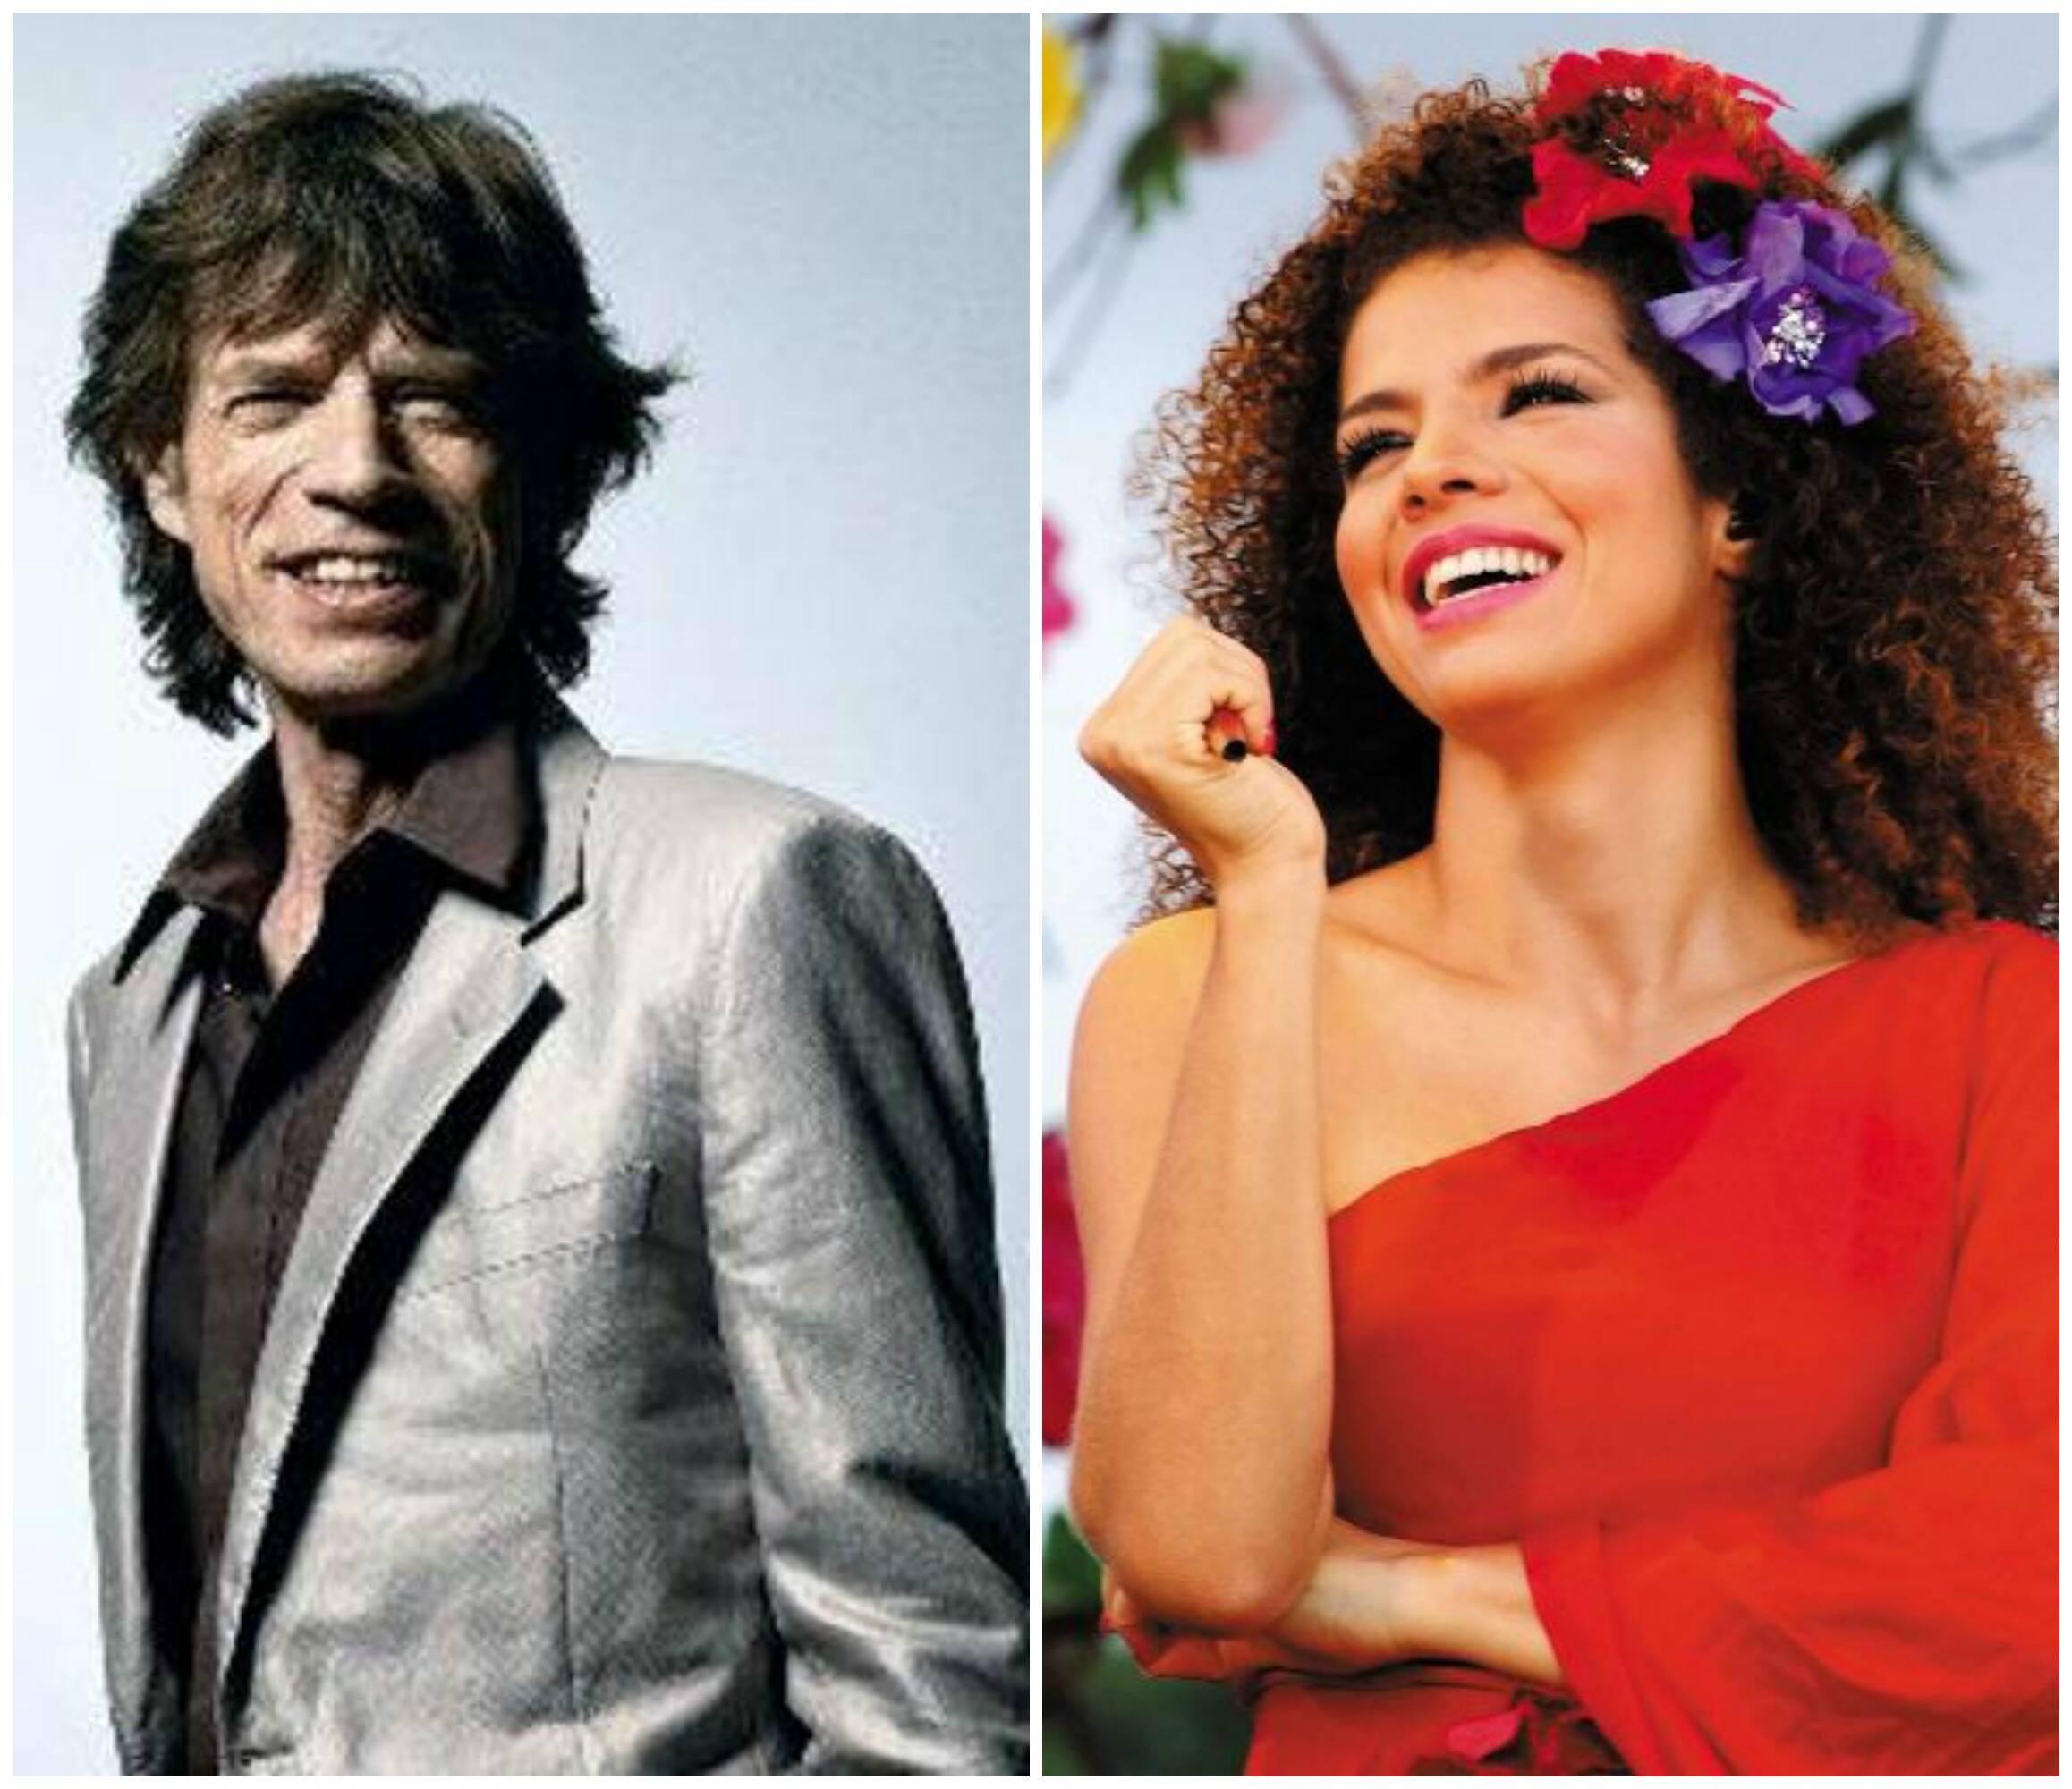 Mick Jagger e Vanessa da Mata: a cantora foi casada com o ator e fotógrafo Geraldo Pestalozzi, mas não gosta de falar sobre sua vida pessoal / Fotos: reprodução da internet